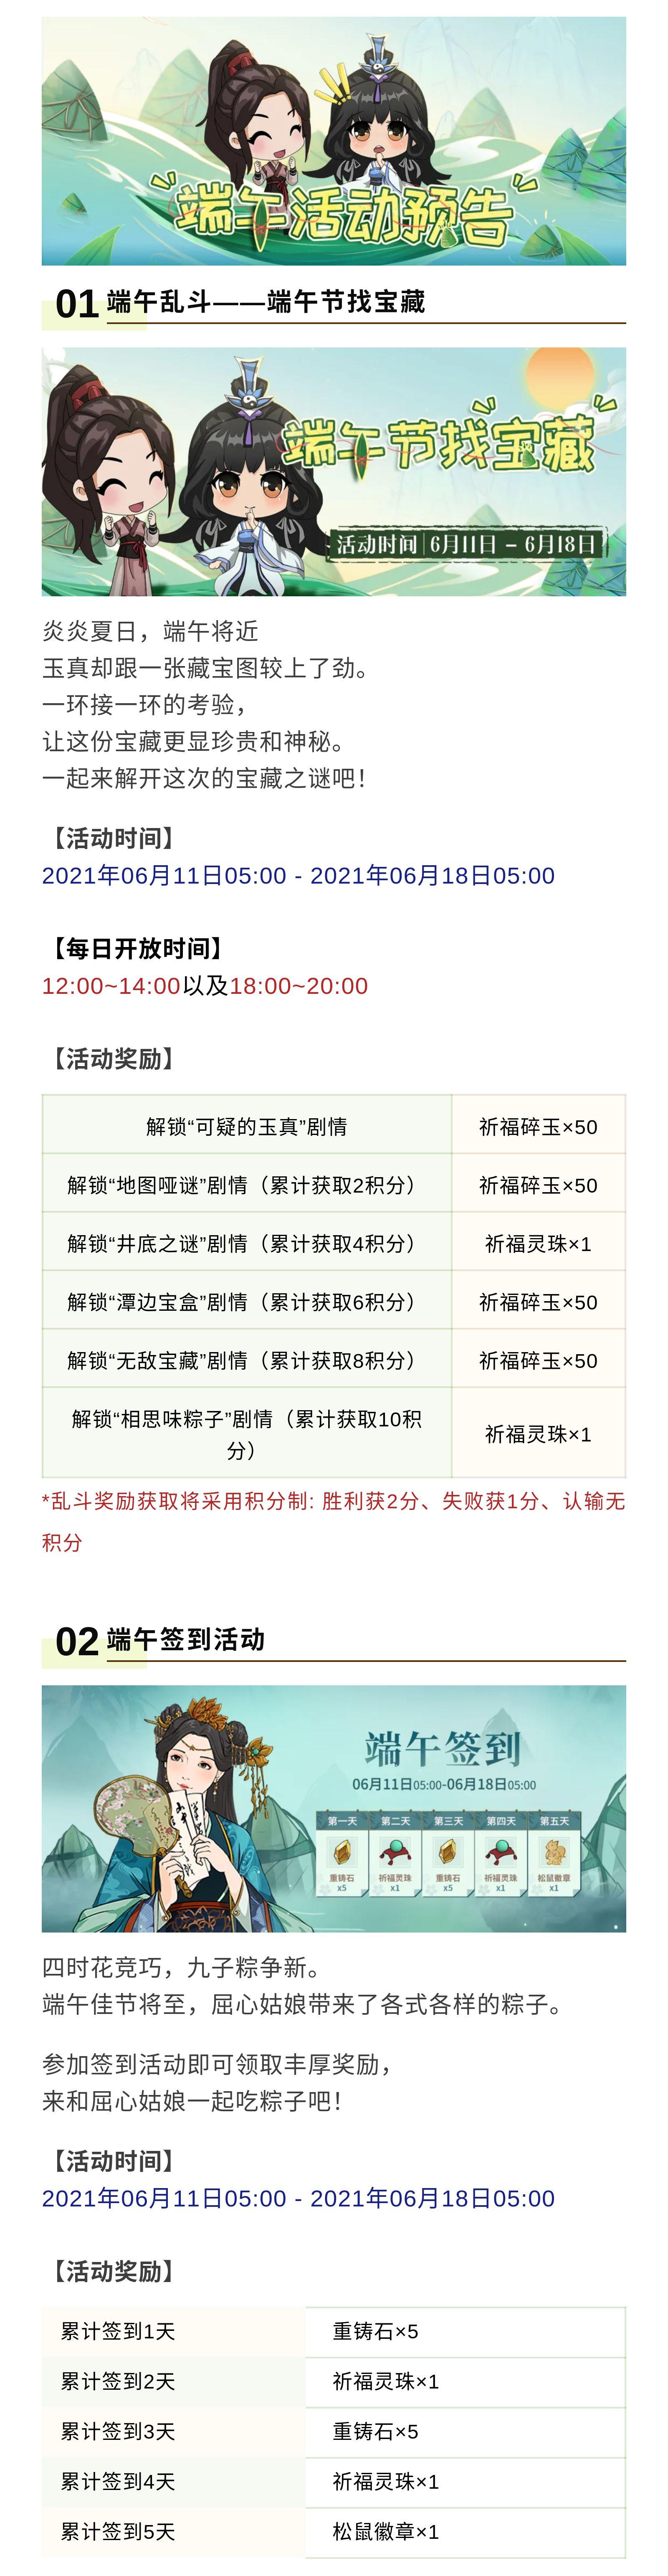 【汉家江湖】端午活动预告——飘香的除了粽子还有福利!